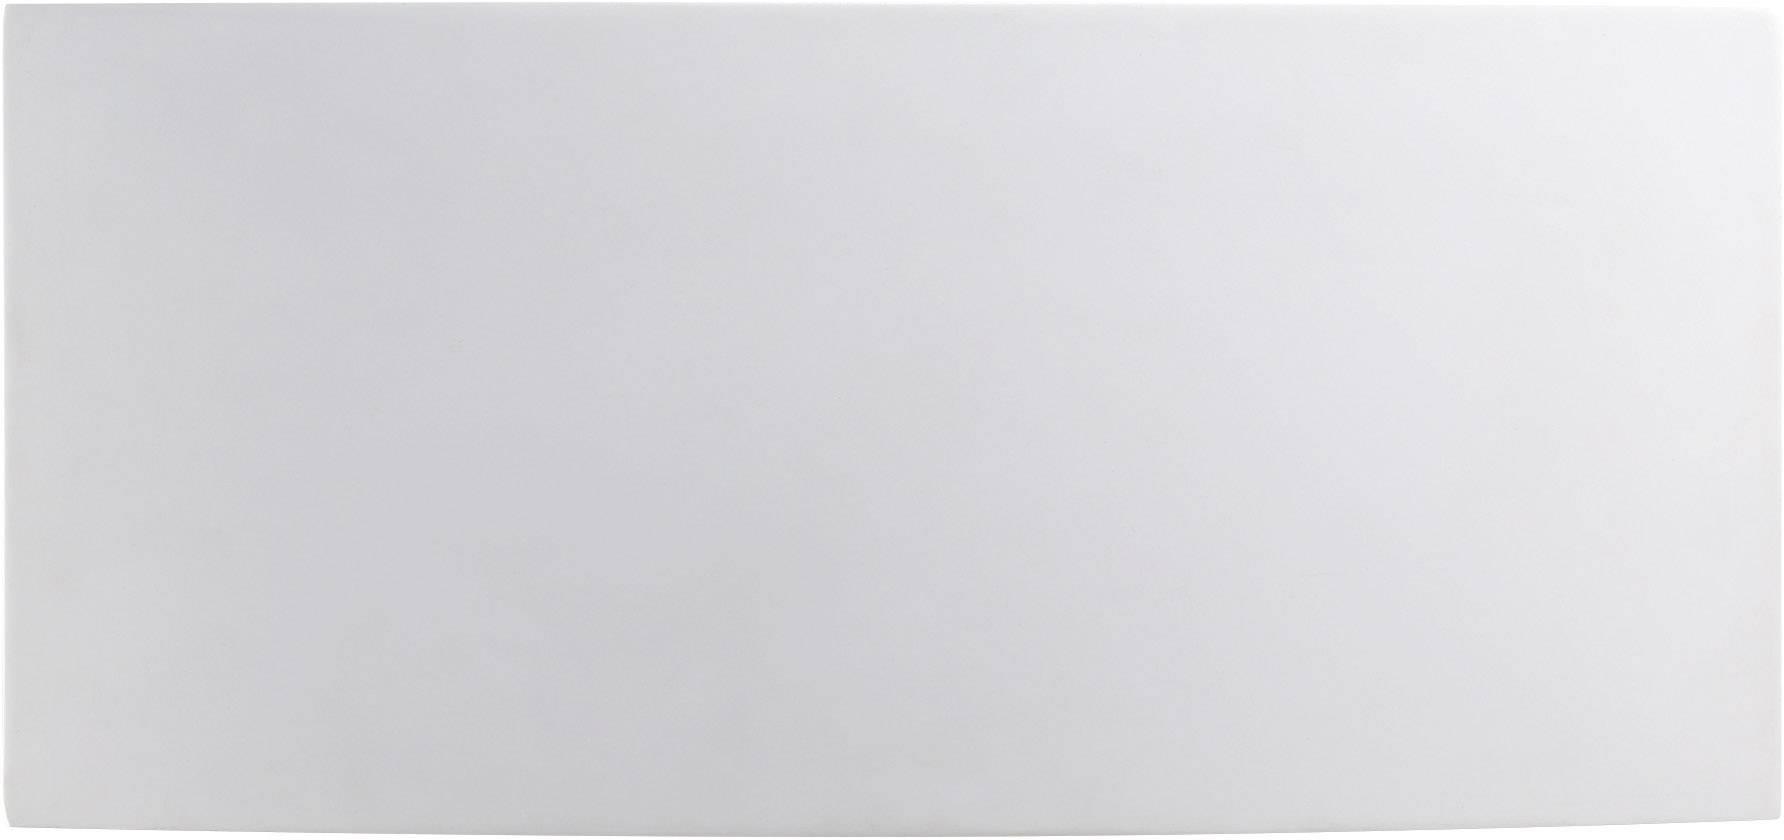 Nástěnné svítidlo Renkforce Lugo, MW-8310, R7s, 100 W